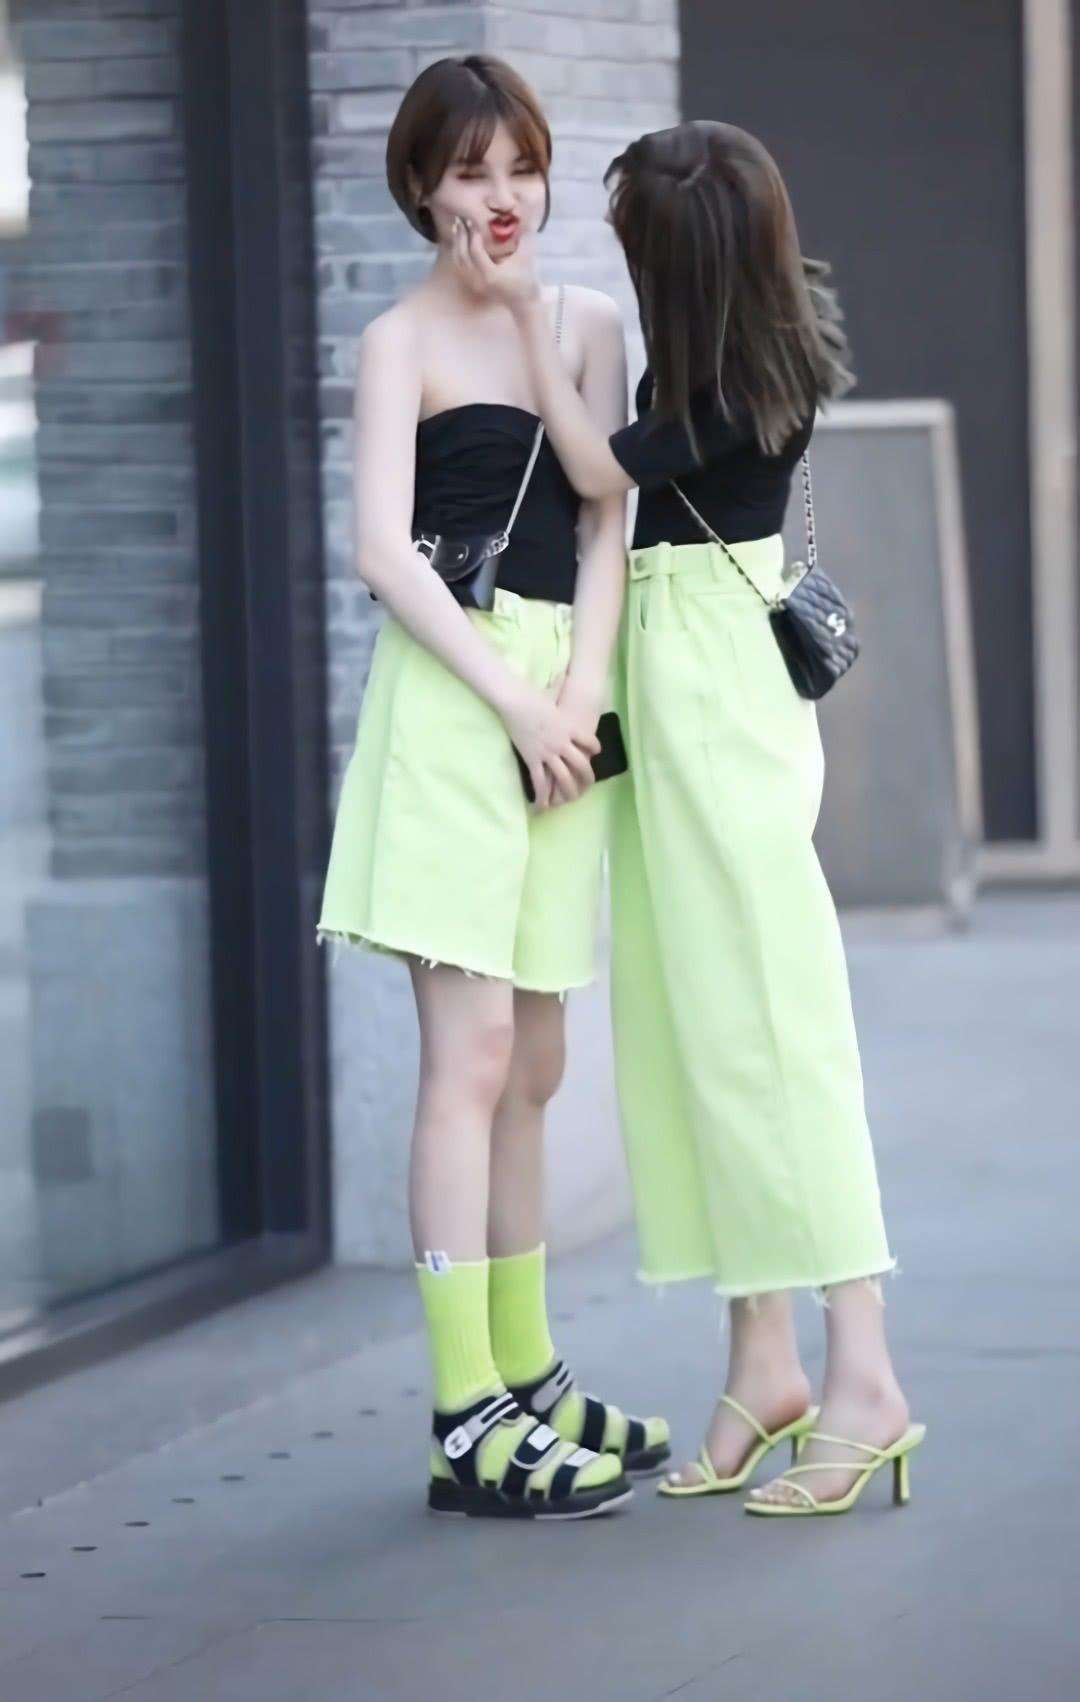 """咱俩都是穿凉鞋,你咋搭配""""荧光绿""""的袜子?腿愣是短了6cm"""